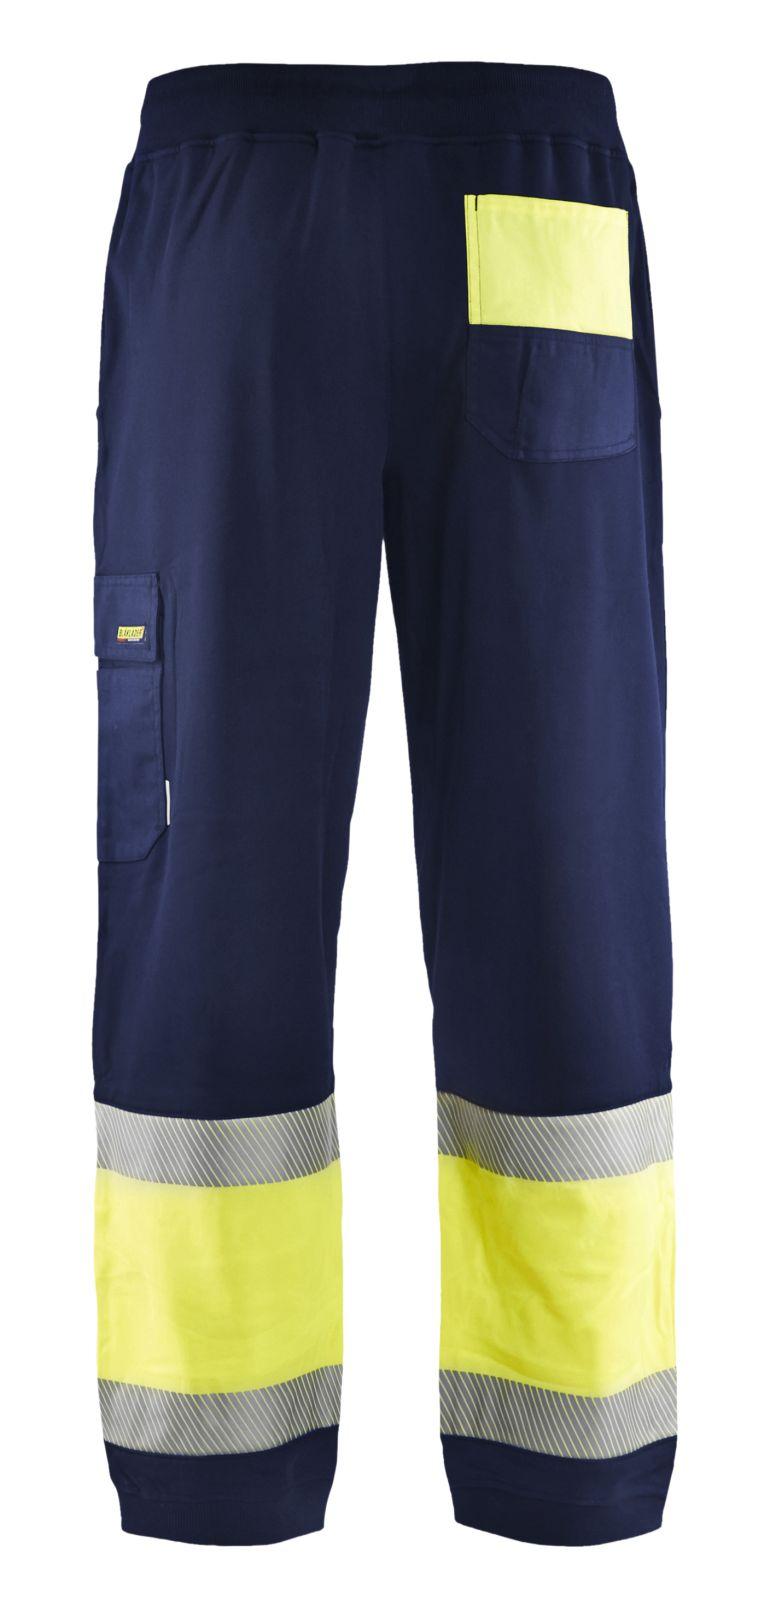 Blaklader Broeken 15492526 High Vis marineblauw-fluo geel(8933)